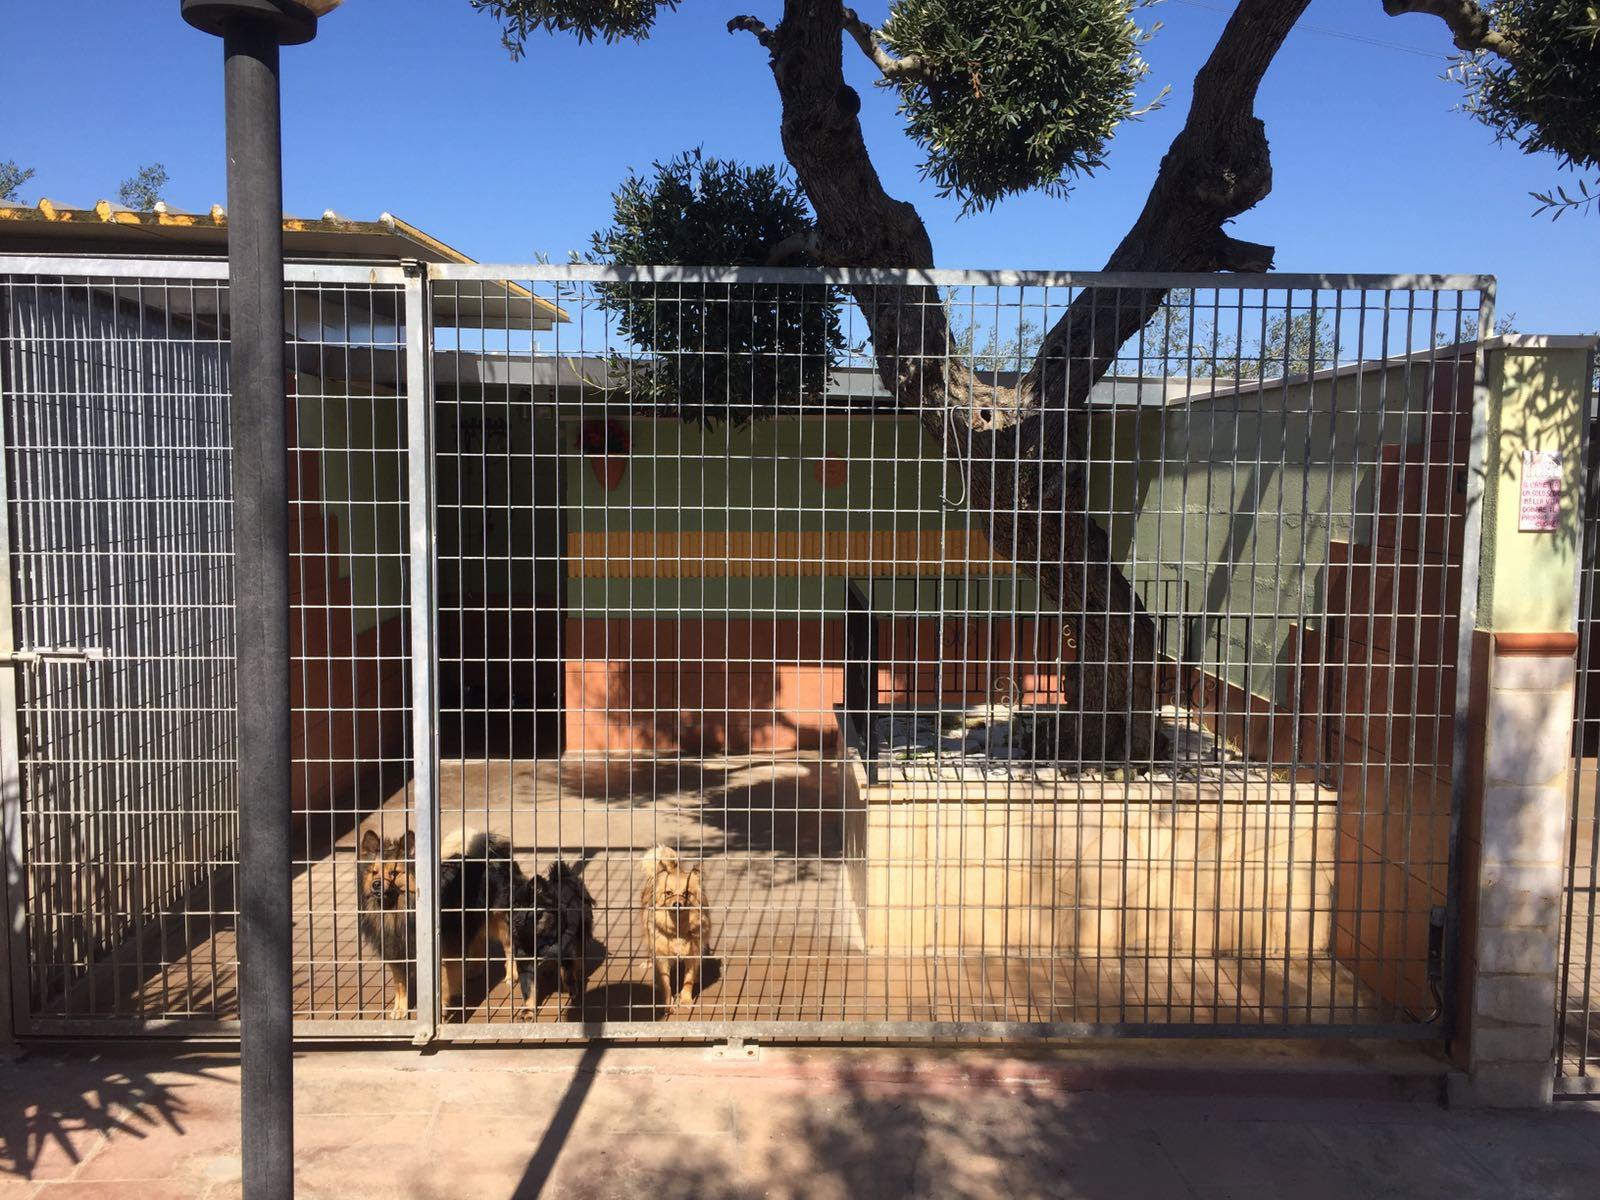 tre cani in un box all'aperto